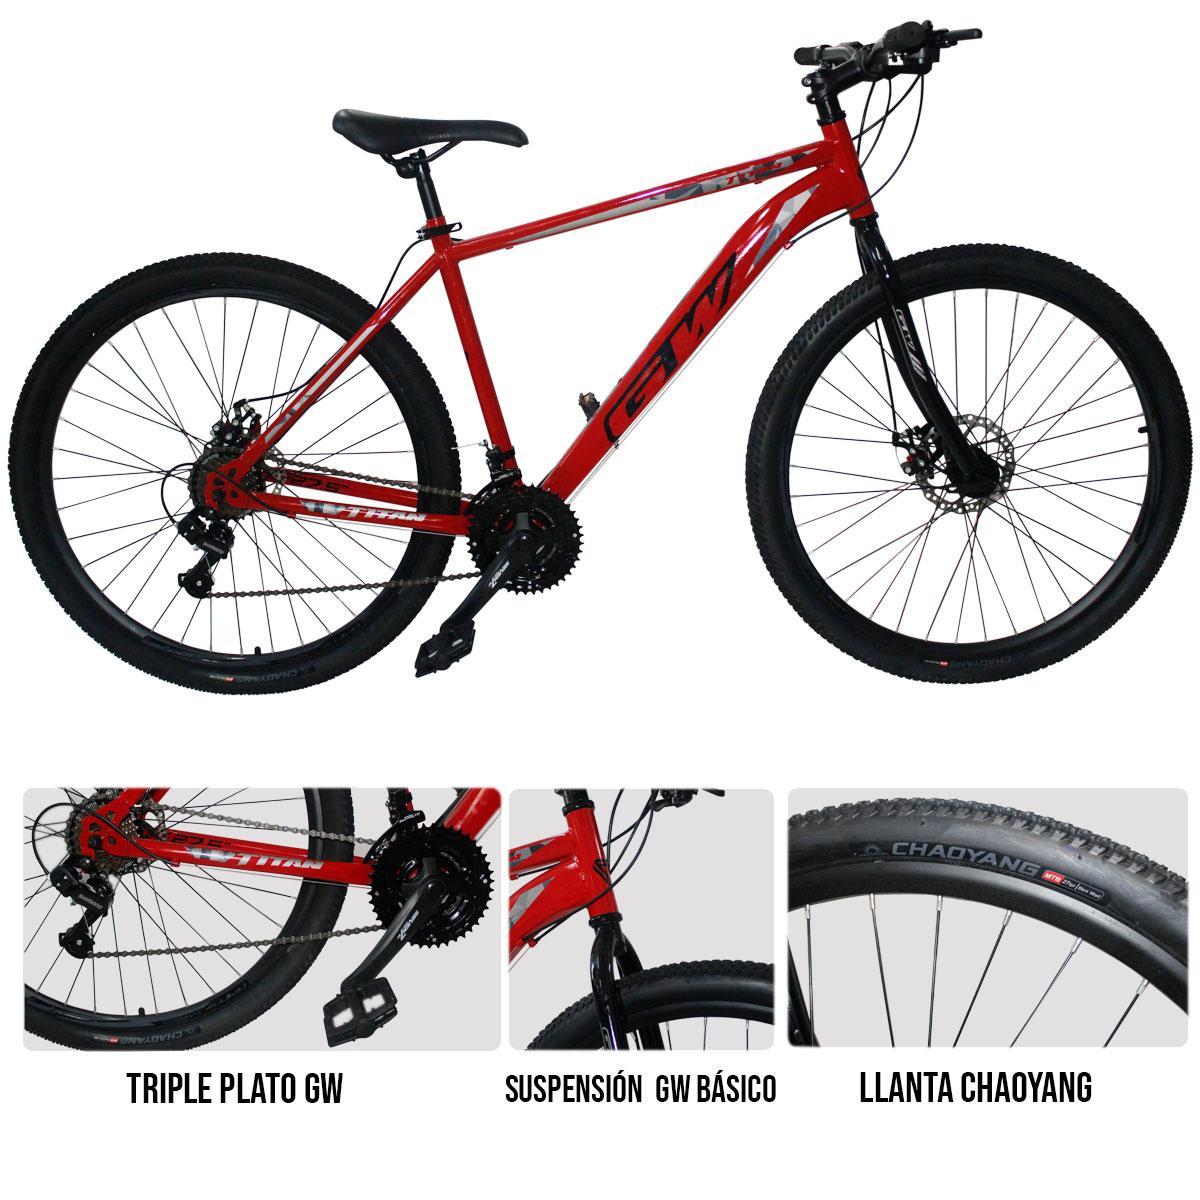 Compra una bicicleta GW Titán en la Tienda Deportiva Deportes Regol